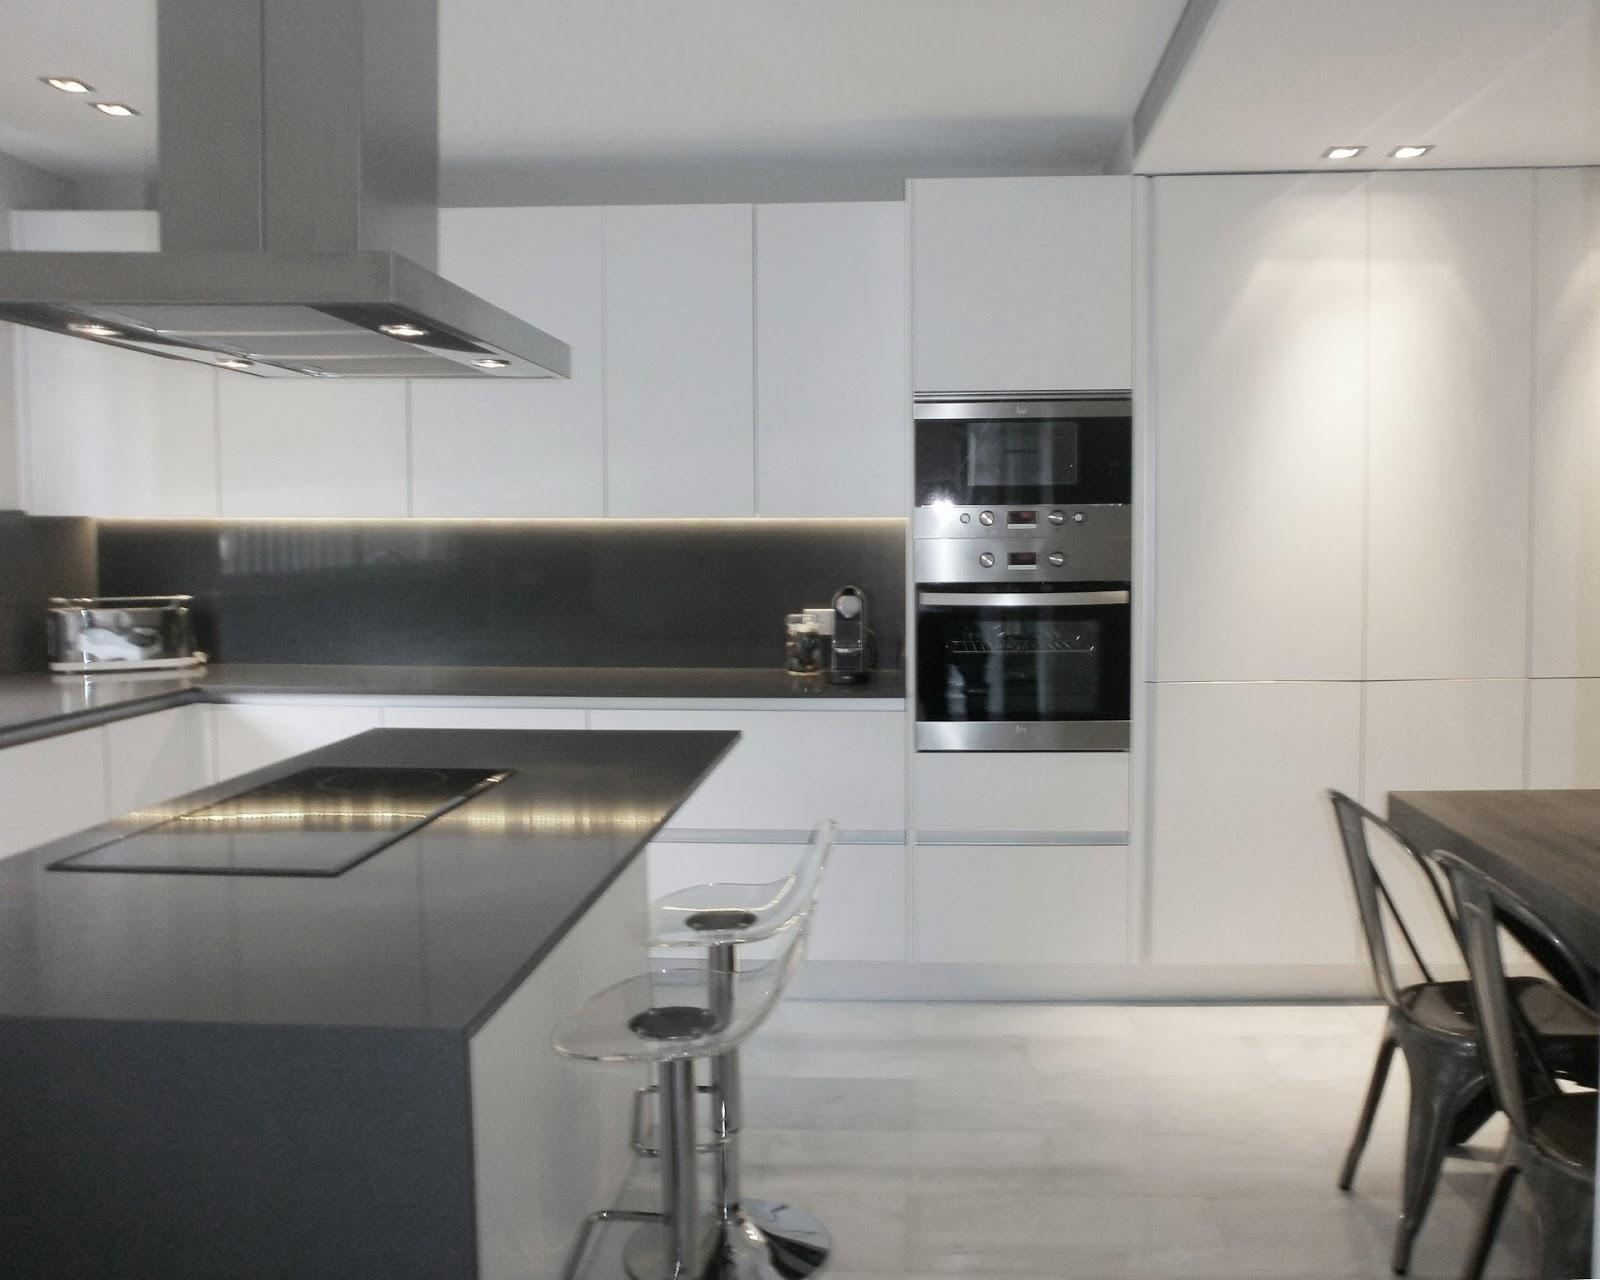 Cocinas Blancas Y Grises Modernas Decoracion De Cocinas With